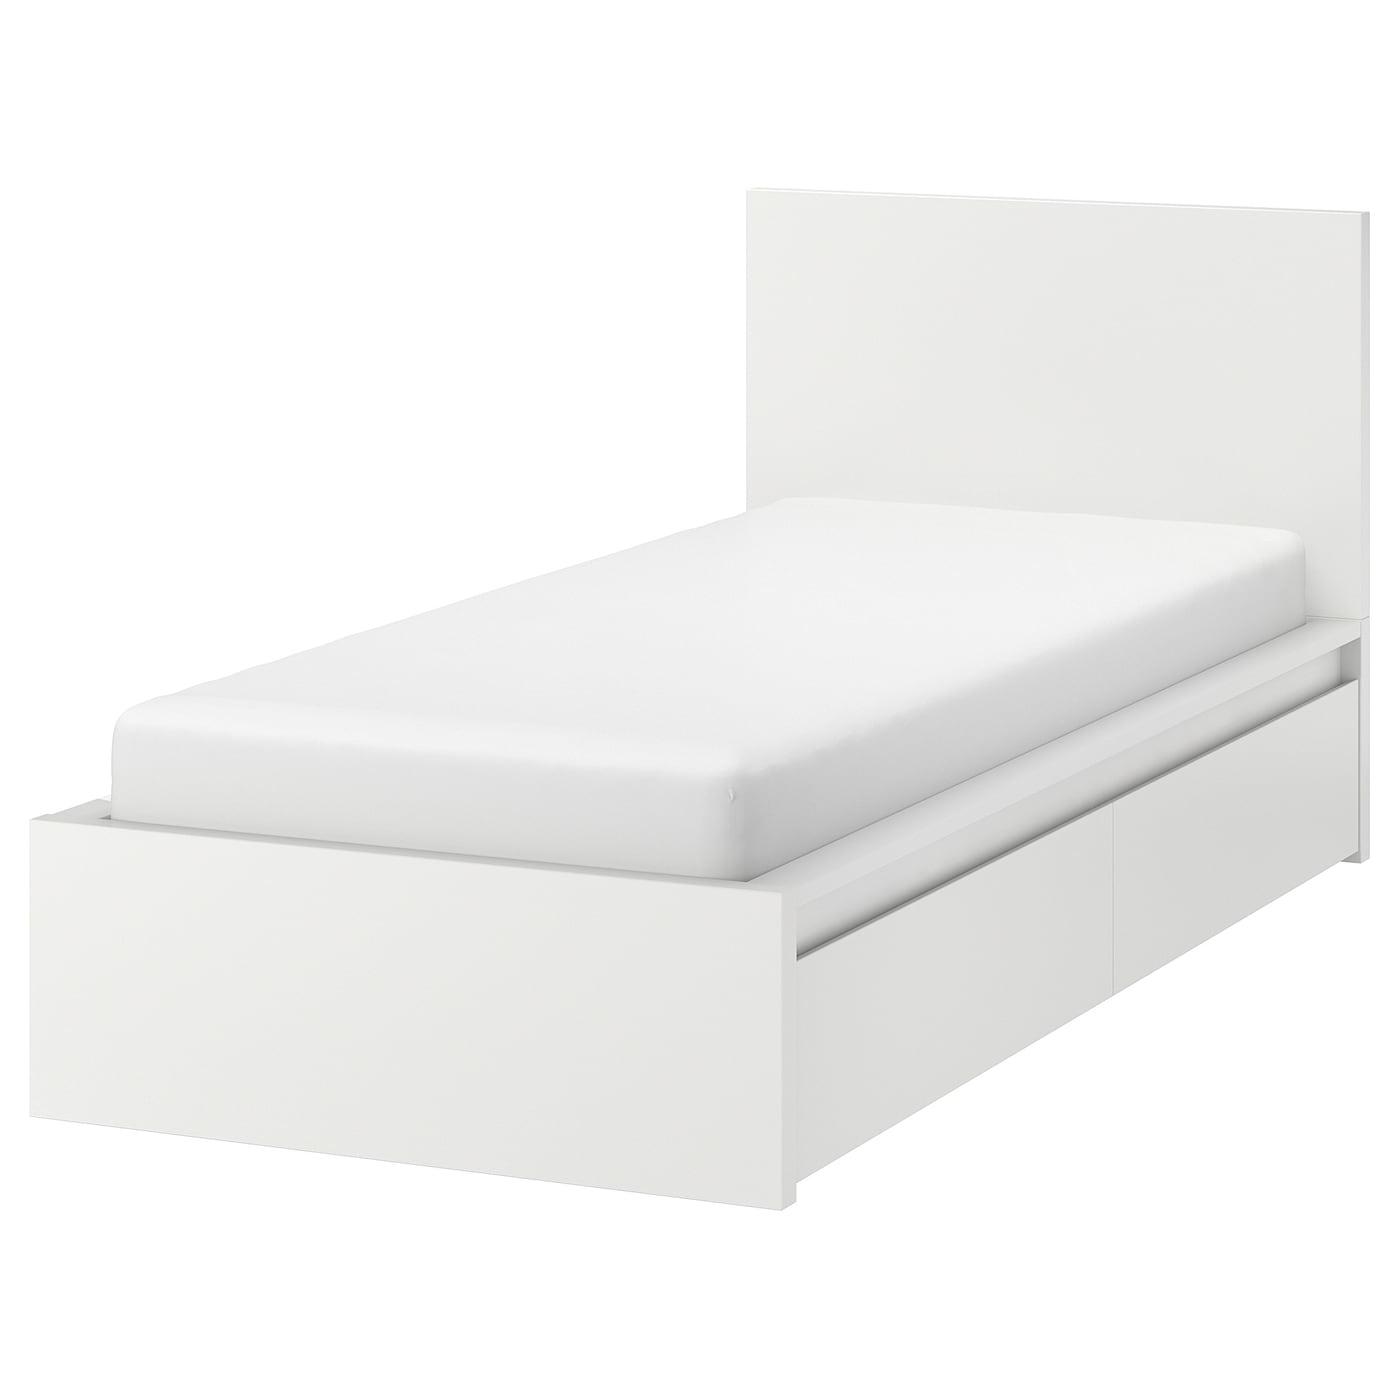 Goedkoop Bed Frame.Eenpersoonsbed 1 Persoonsbed Design Goedkoop Ikea